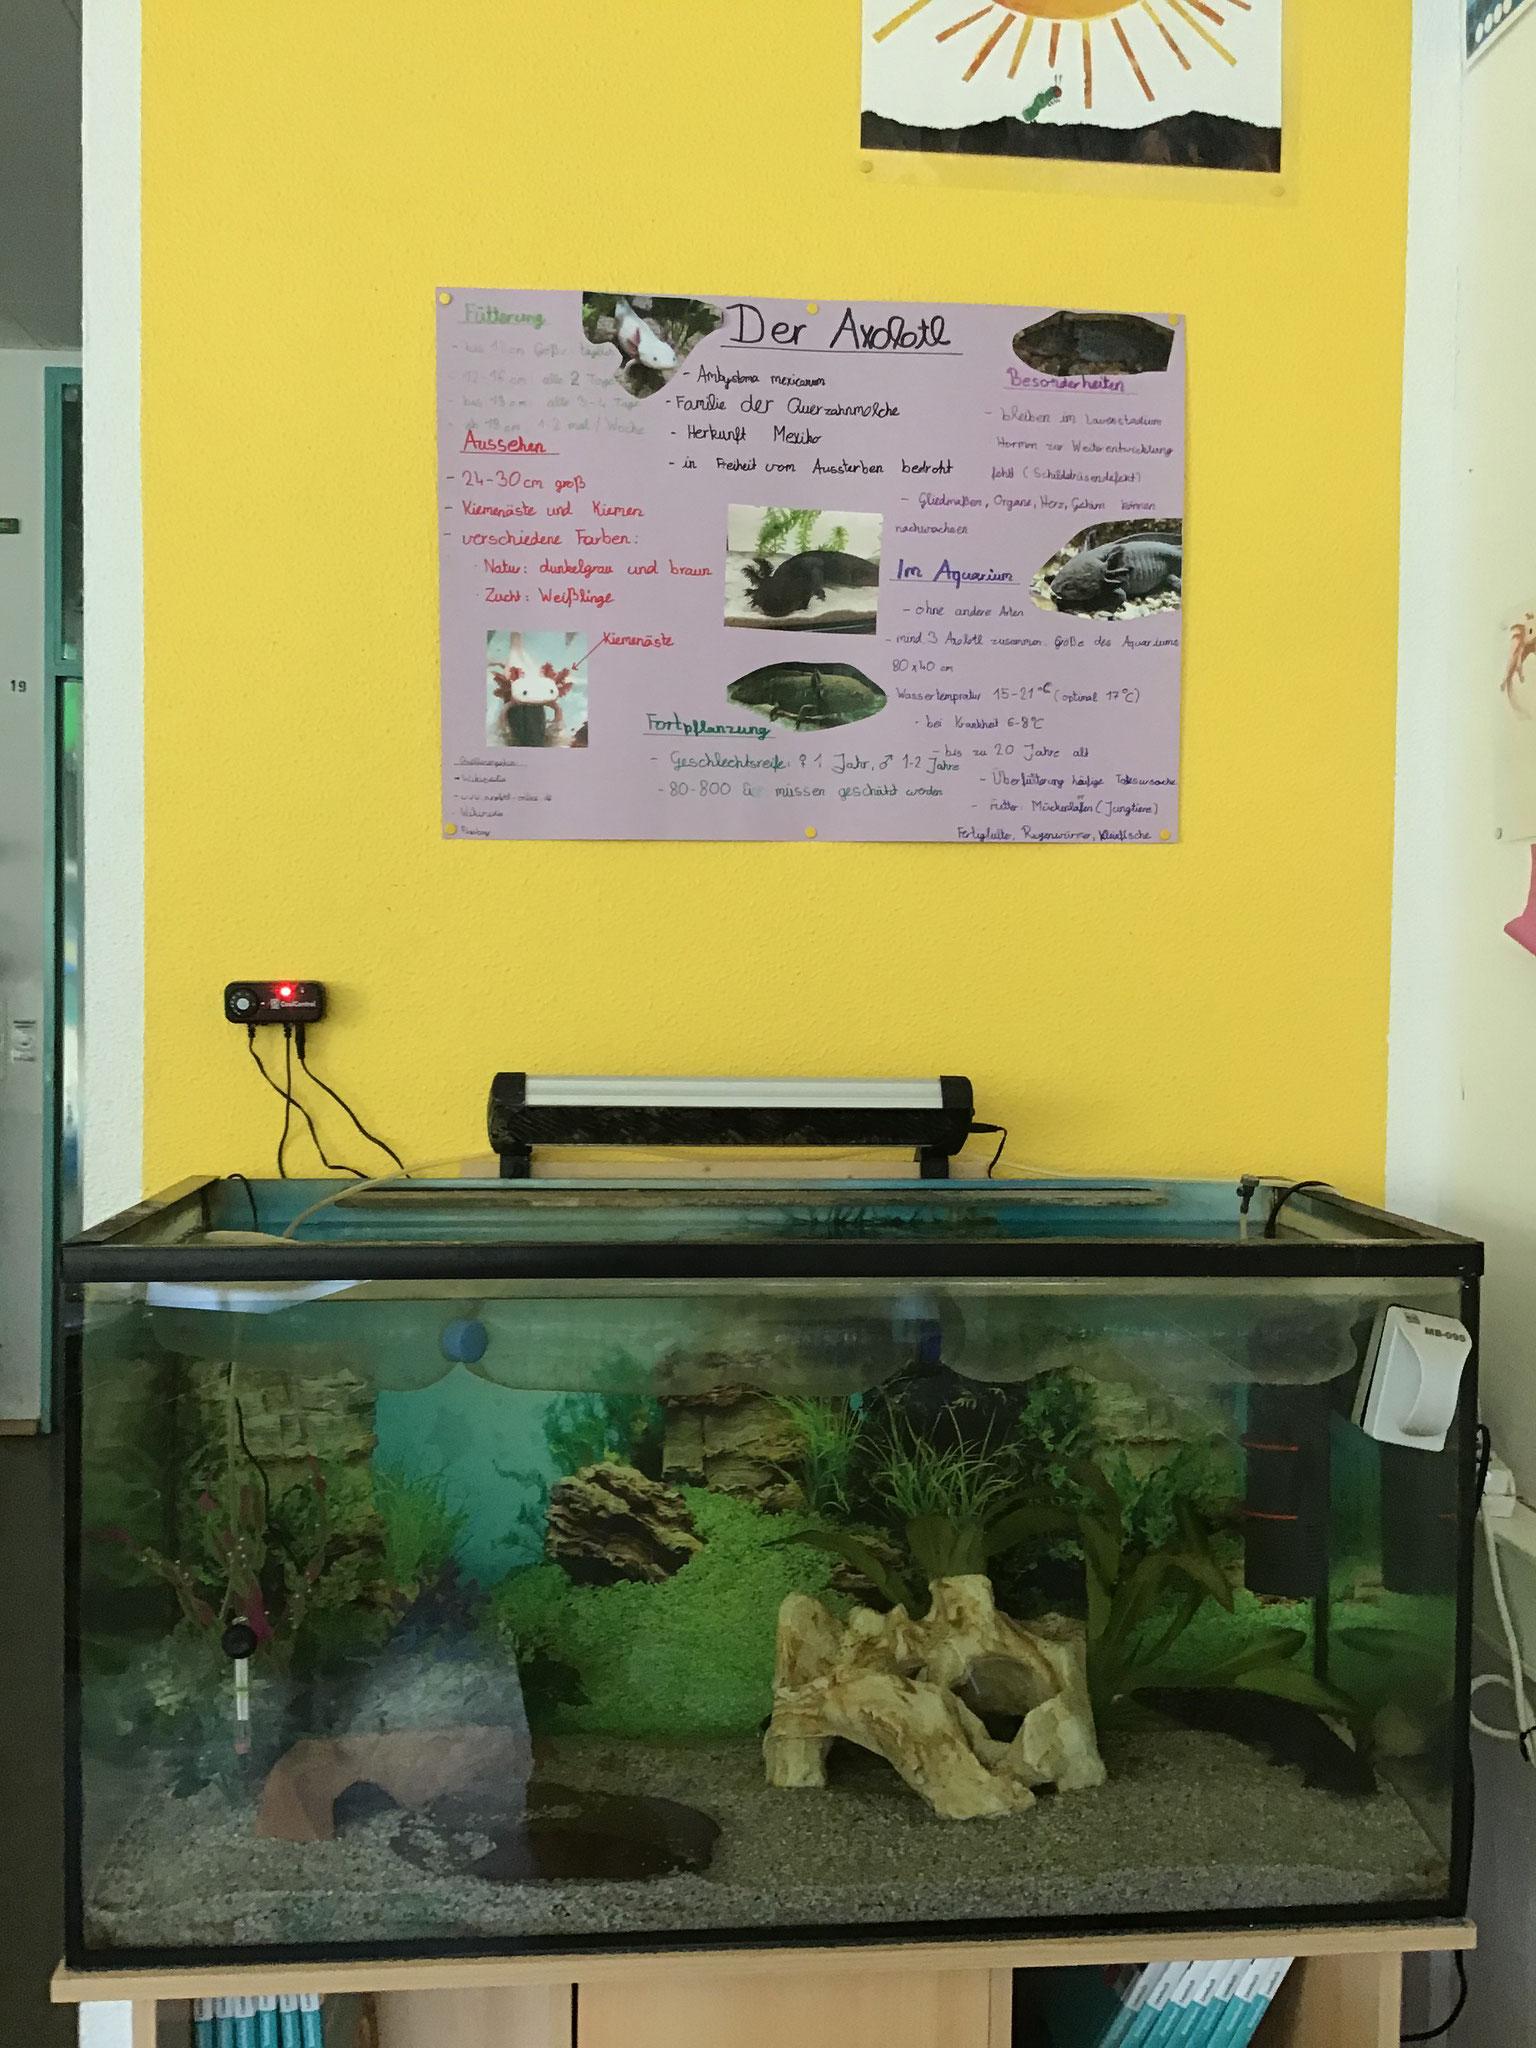 ... und noch weitere Axolotl